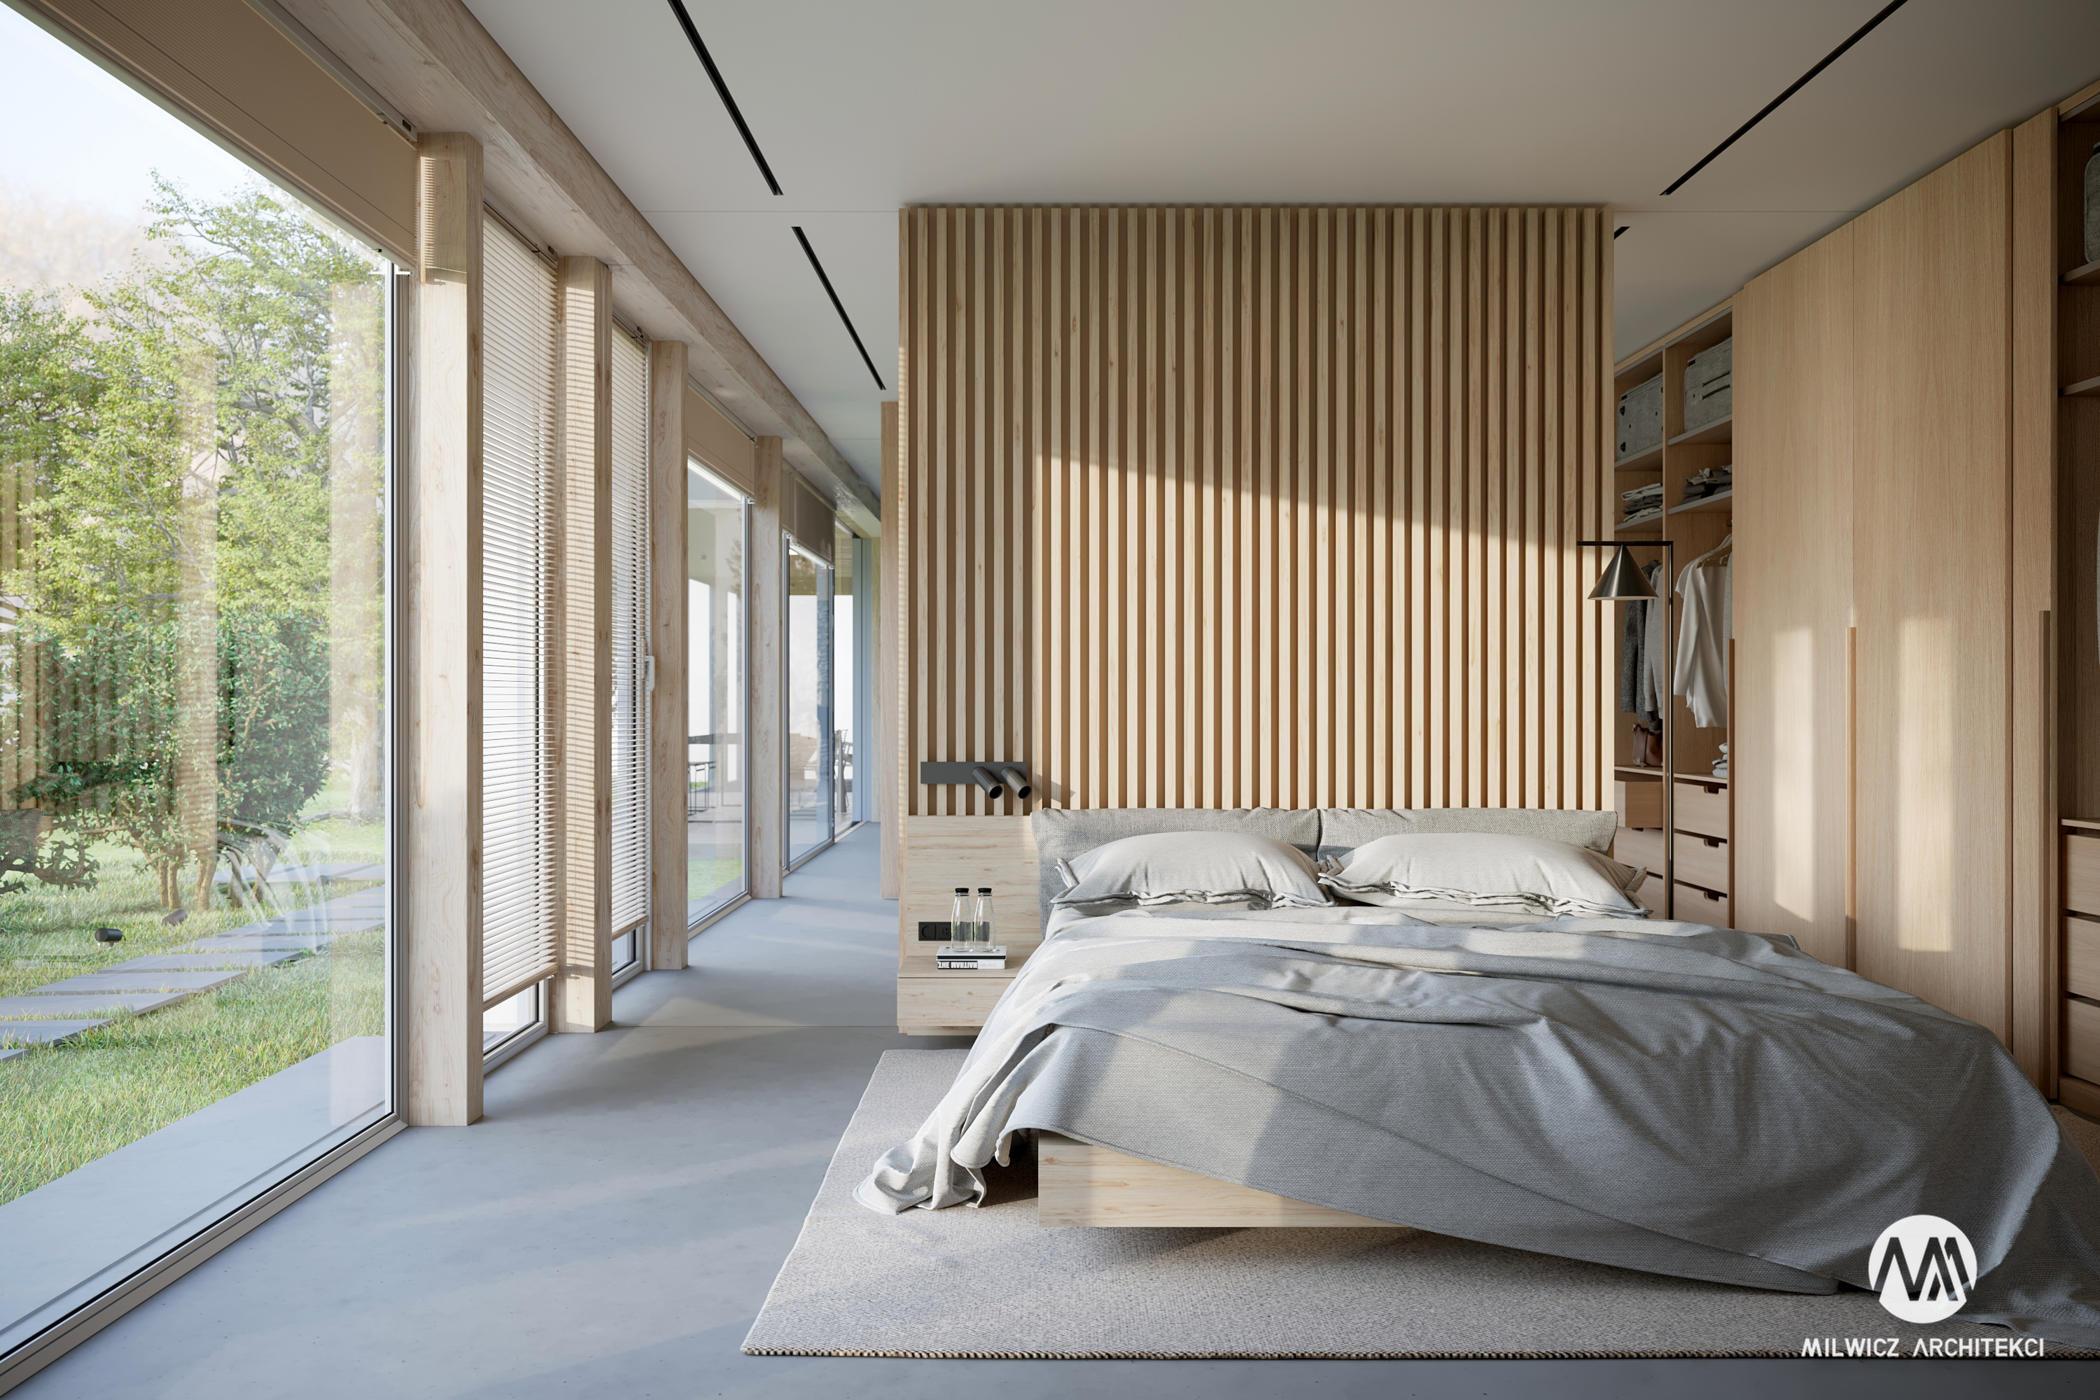 projekty indywidualne, projekty wnętrz, minimalizm, sypialnia